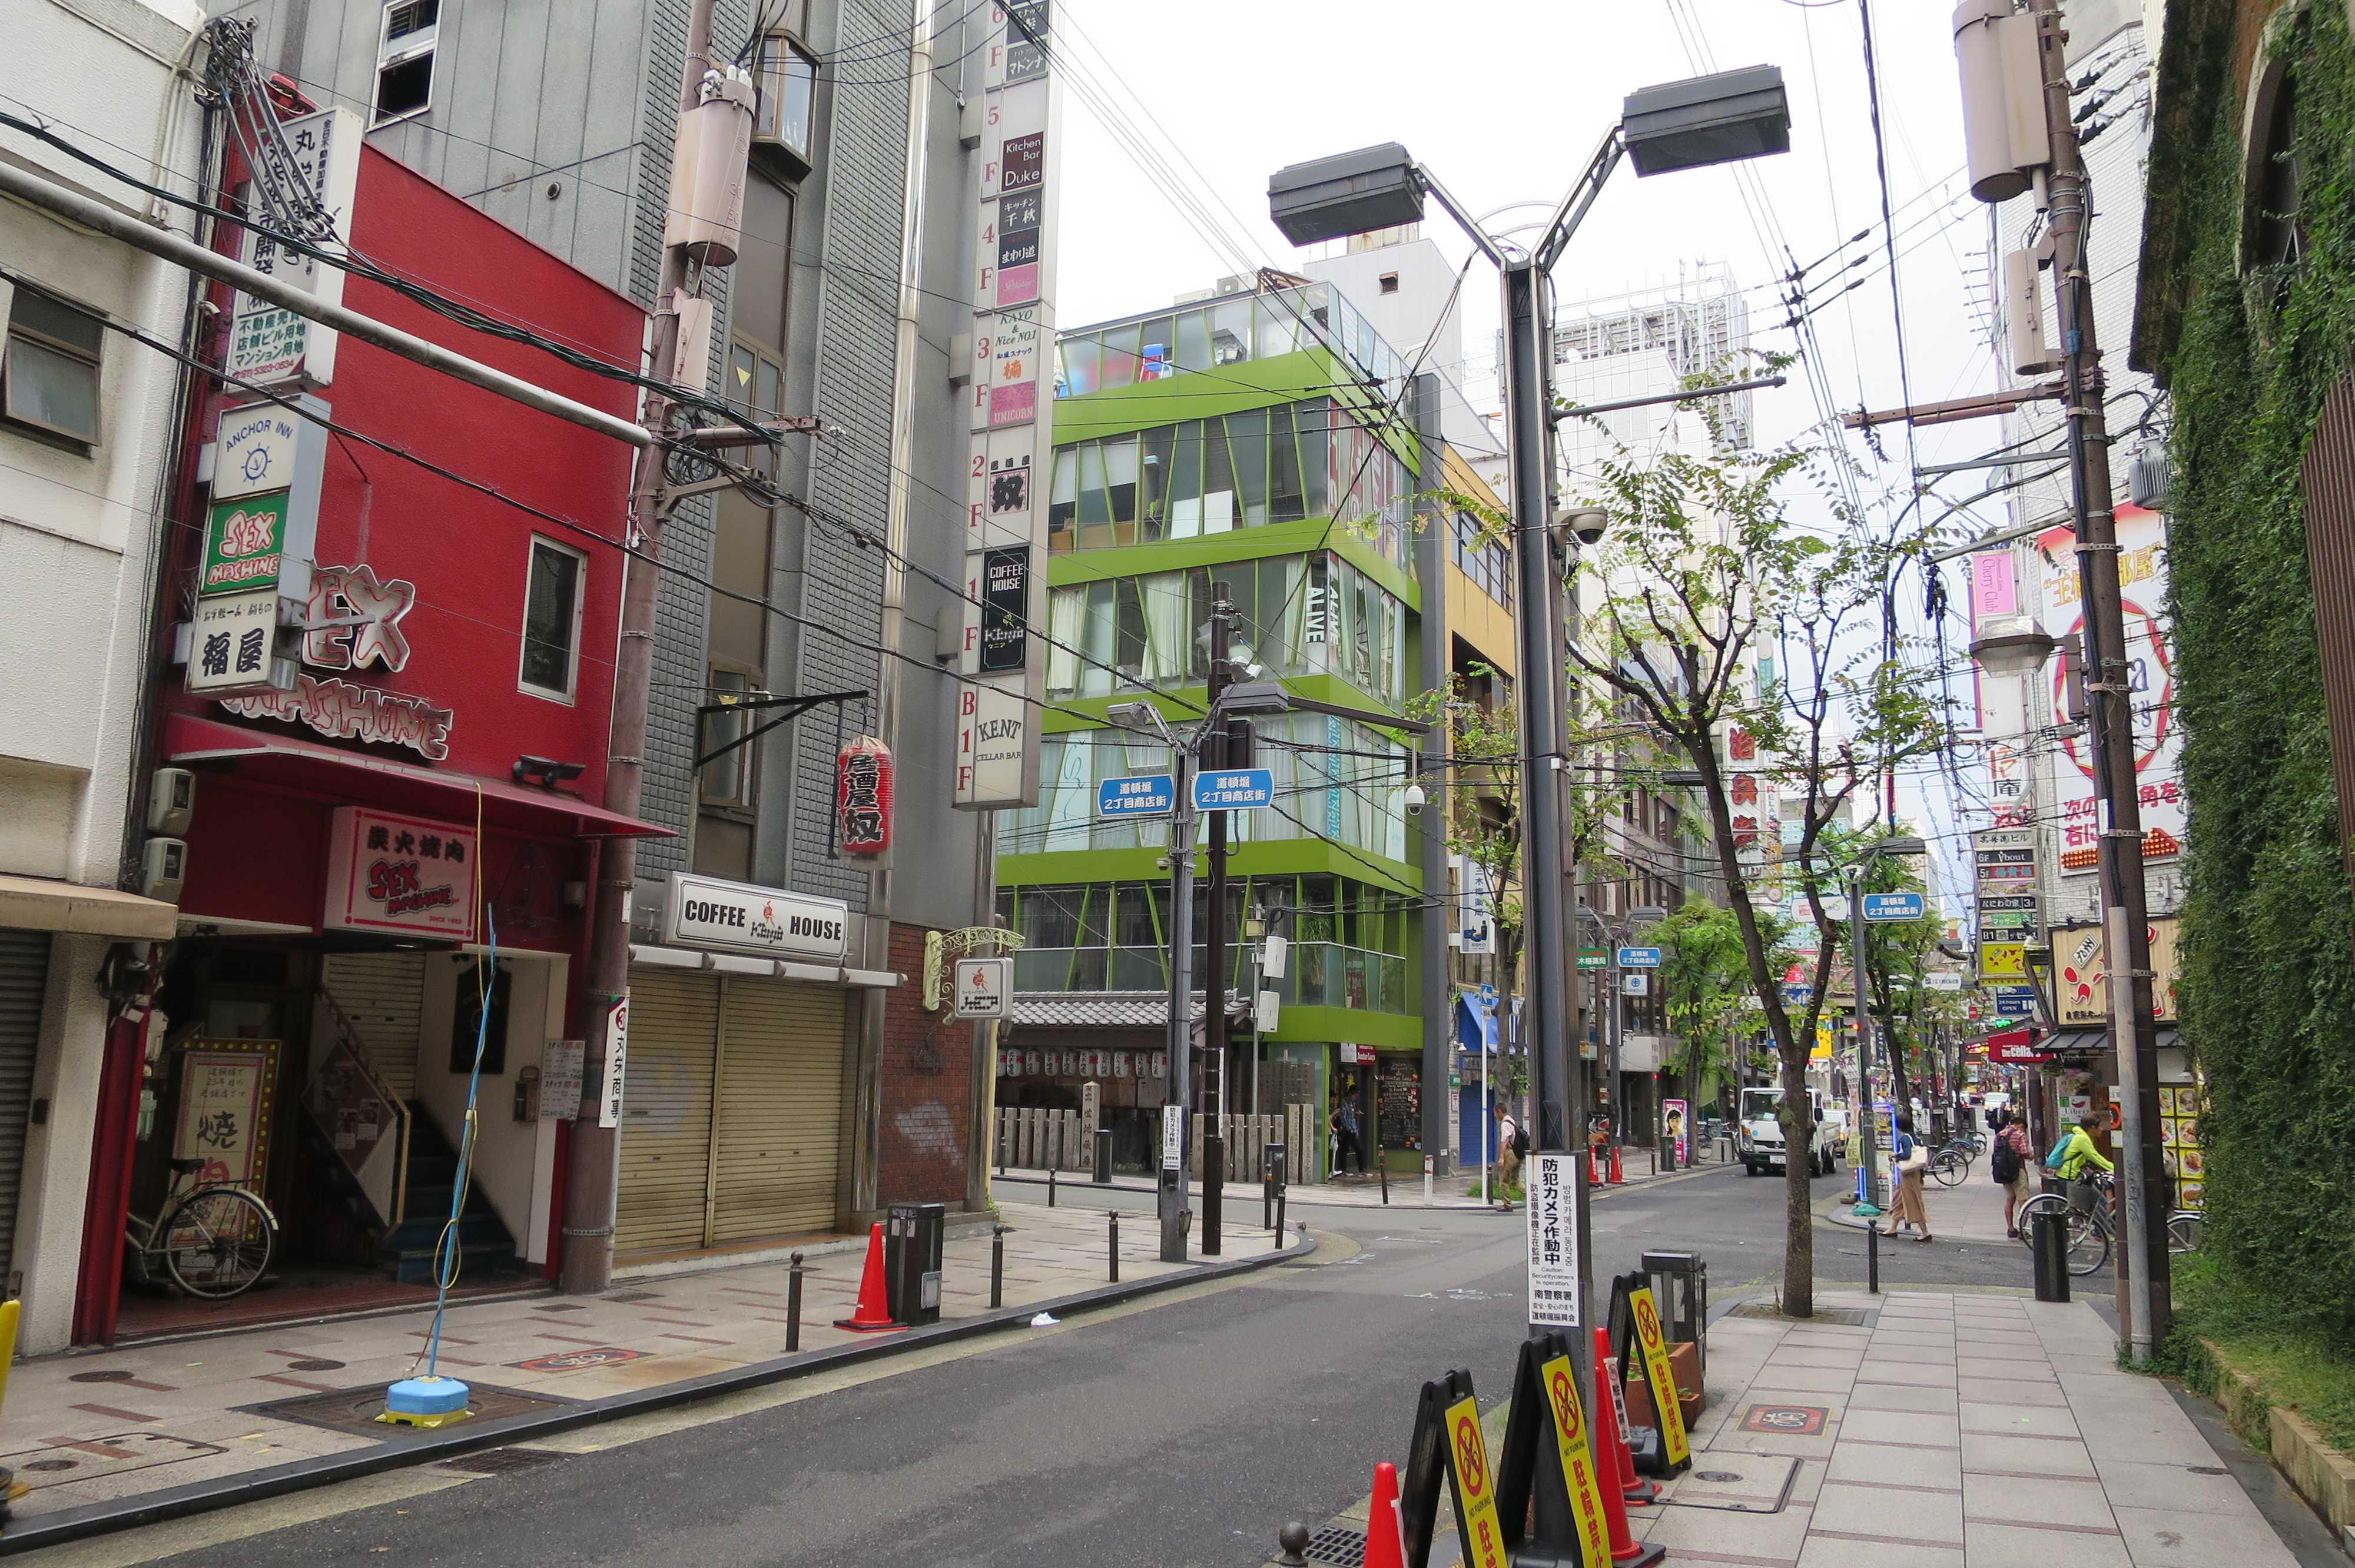 大阪・道頓堀 - ニュージャパンカプセルホテルの前の道路